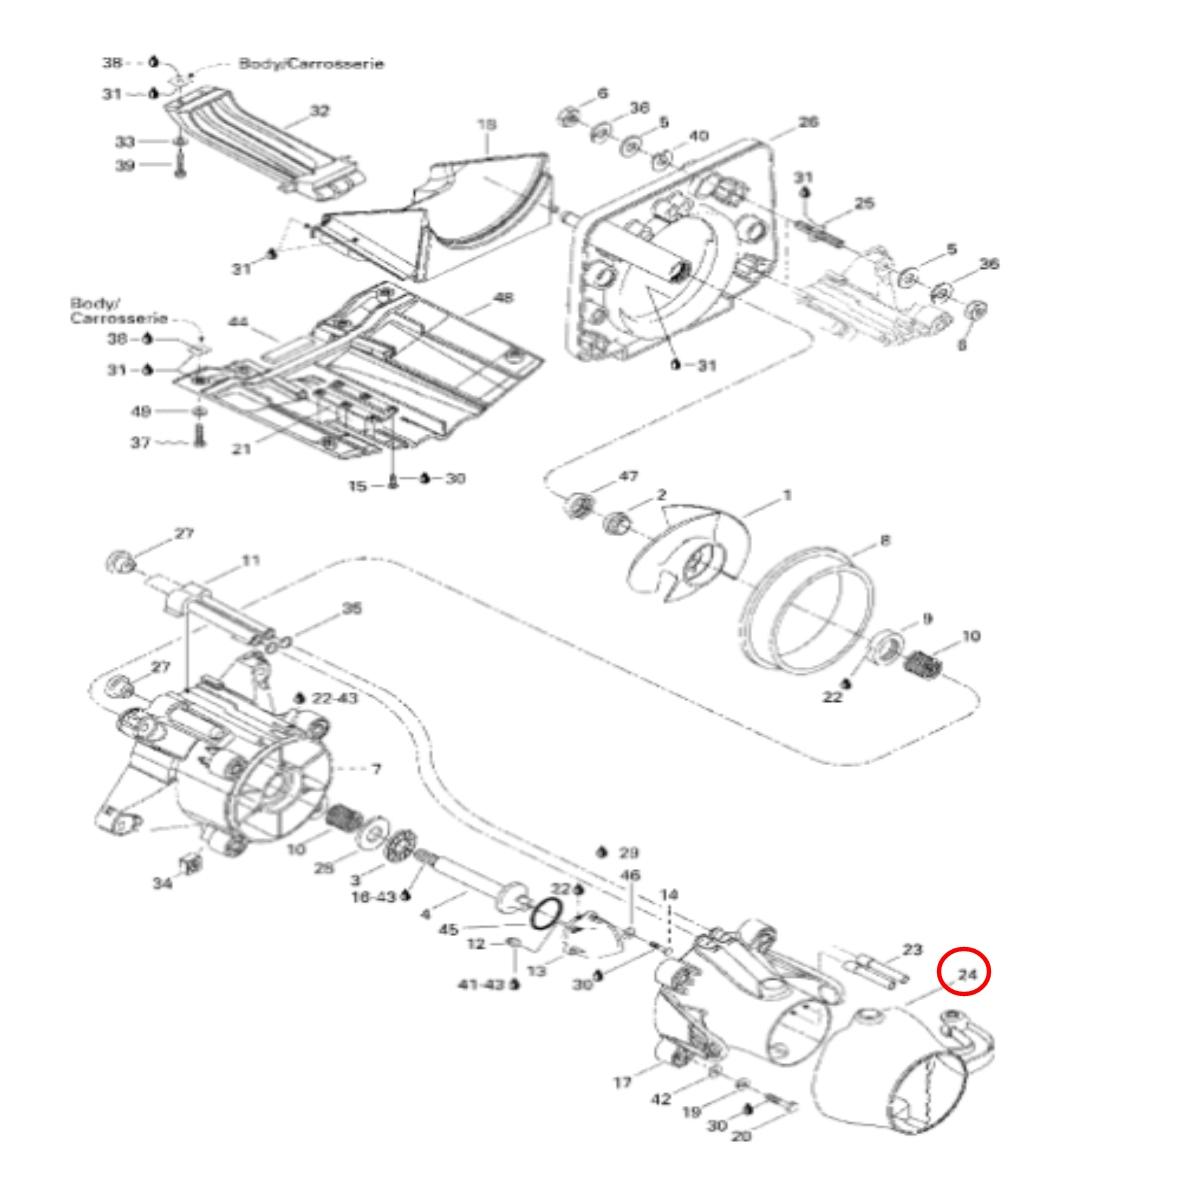 Bico Direcionador para Jet Ski Sea Doo SP 96/97 SPX 96/99 XP 97  - Radical Peças - Peças para Jet Ski